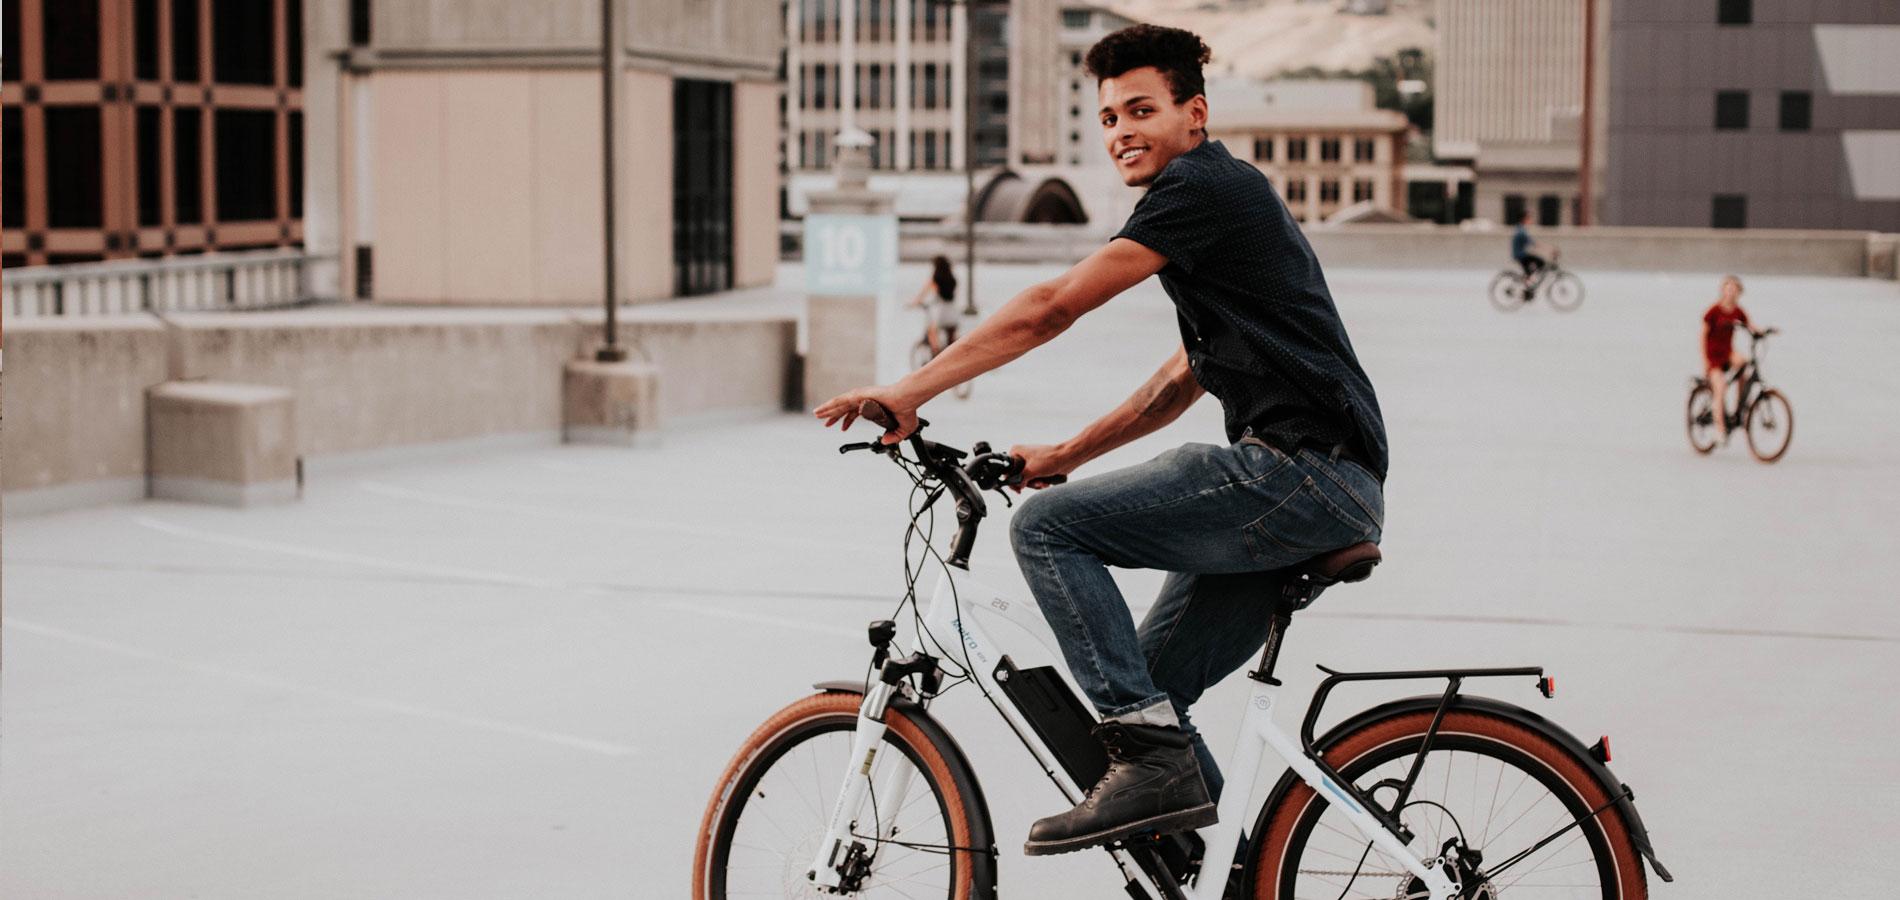 אופני מגנום מטרו. אופניים עירוניים 48 וולט, 2 בלמי דיסק, מהירות גבוהה ובעל תקן בטיחות אירופאי